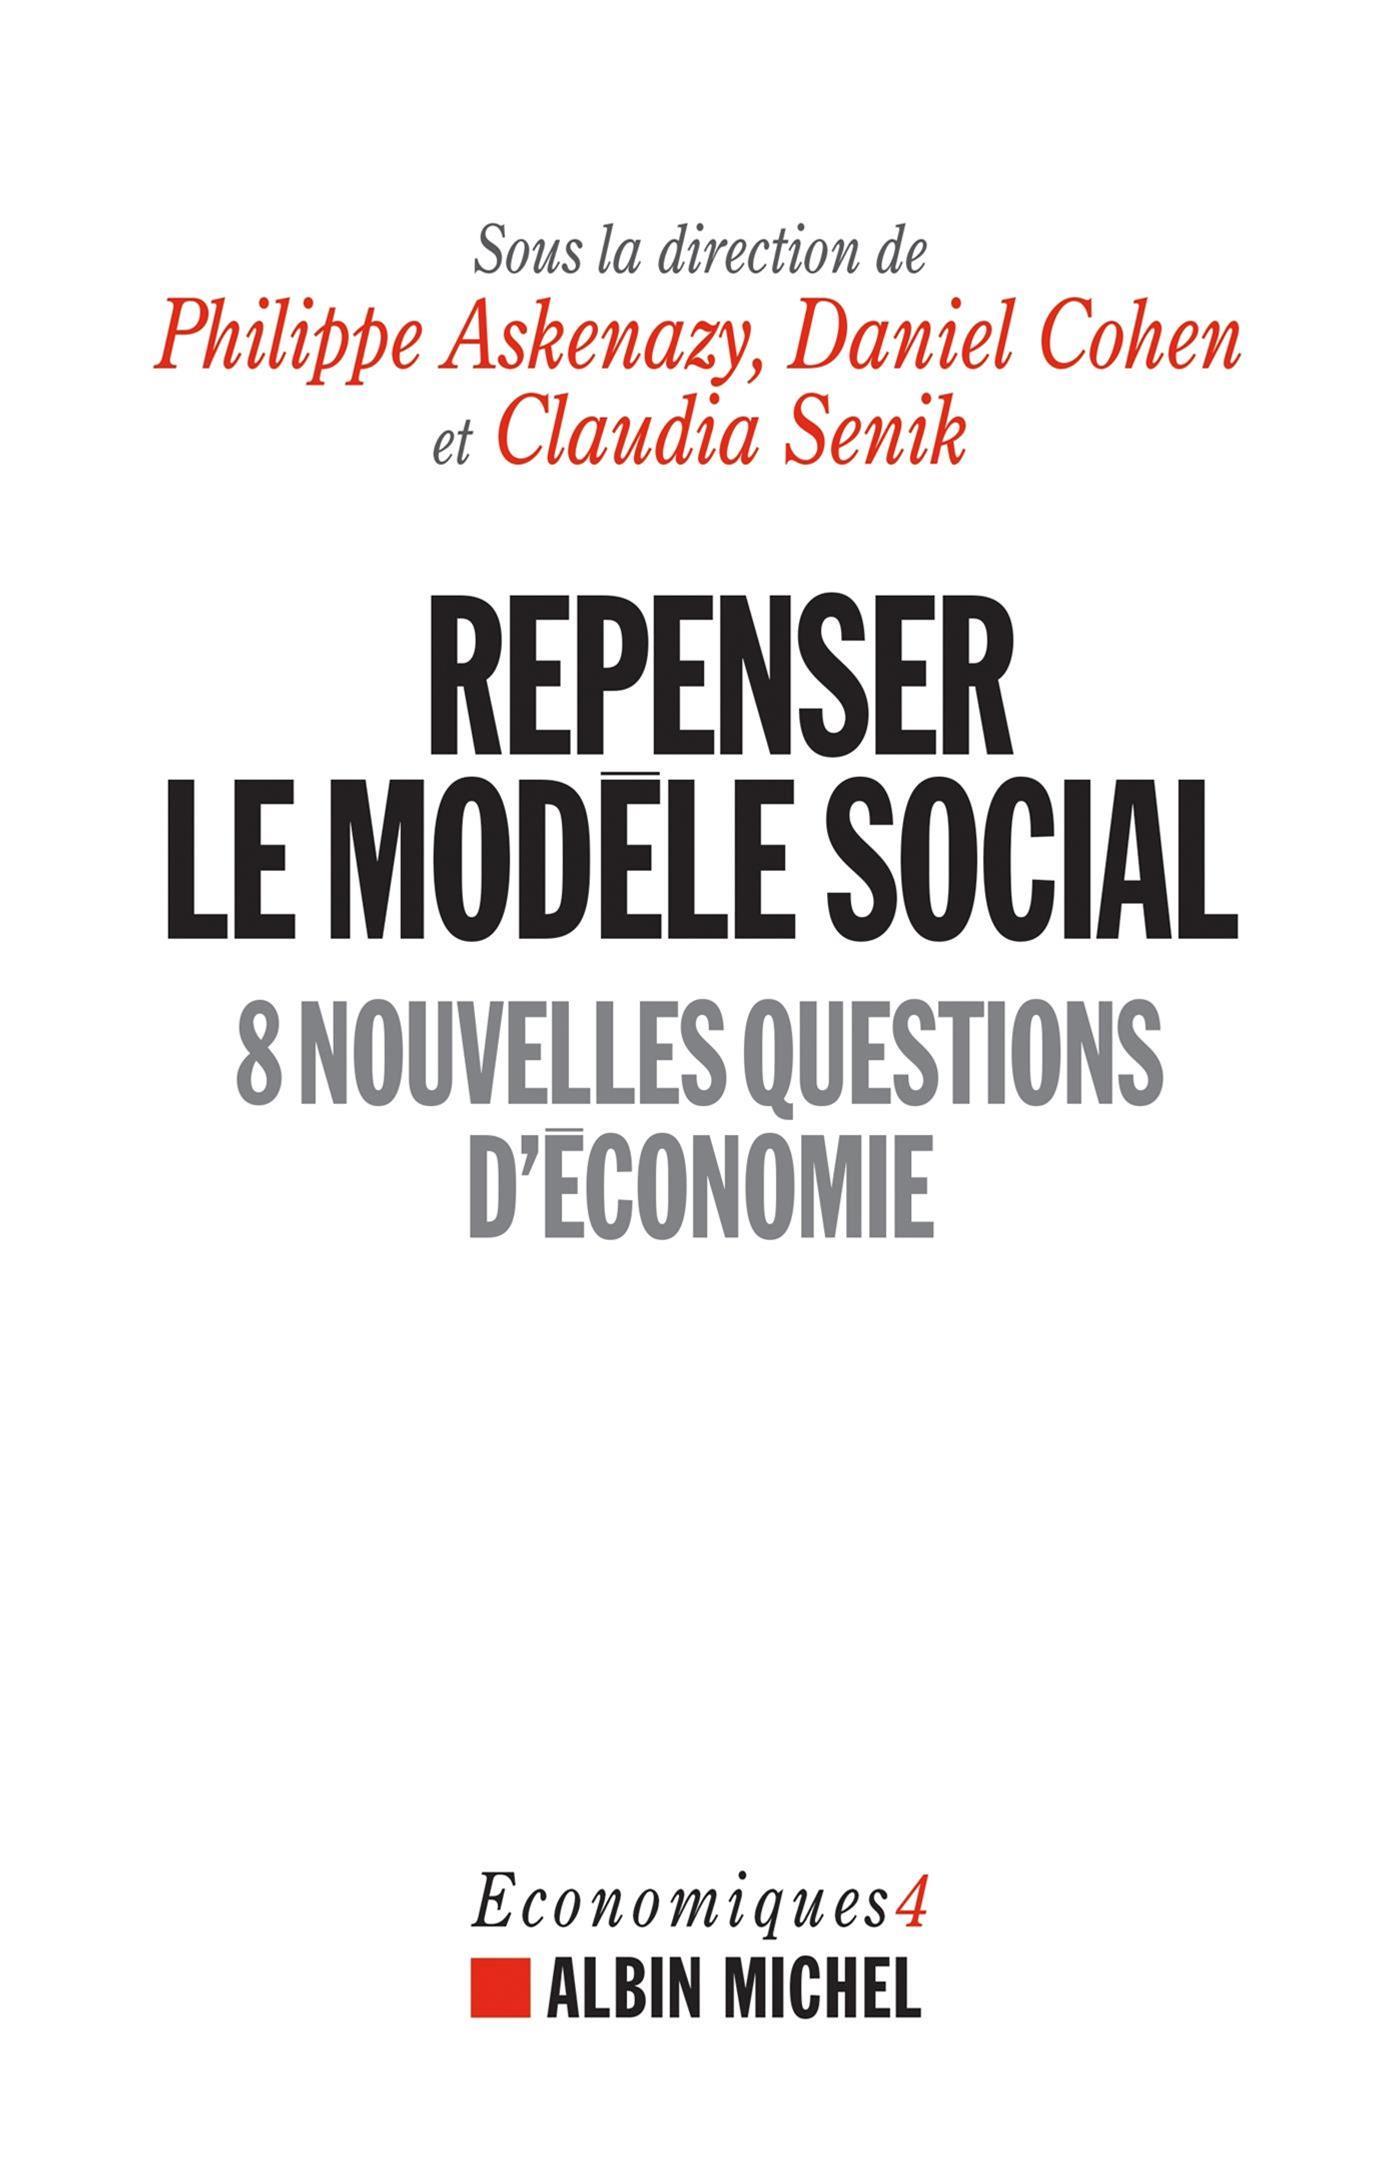 Repenser le modèle social